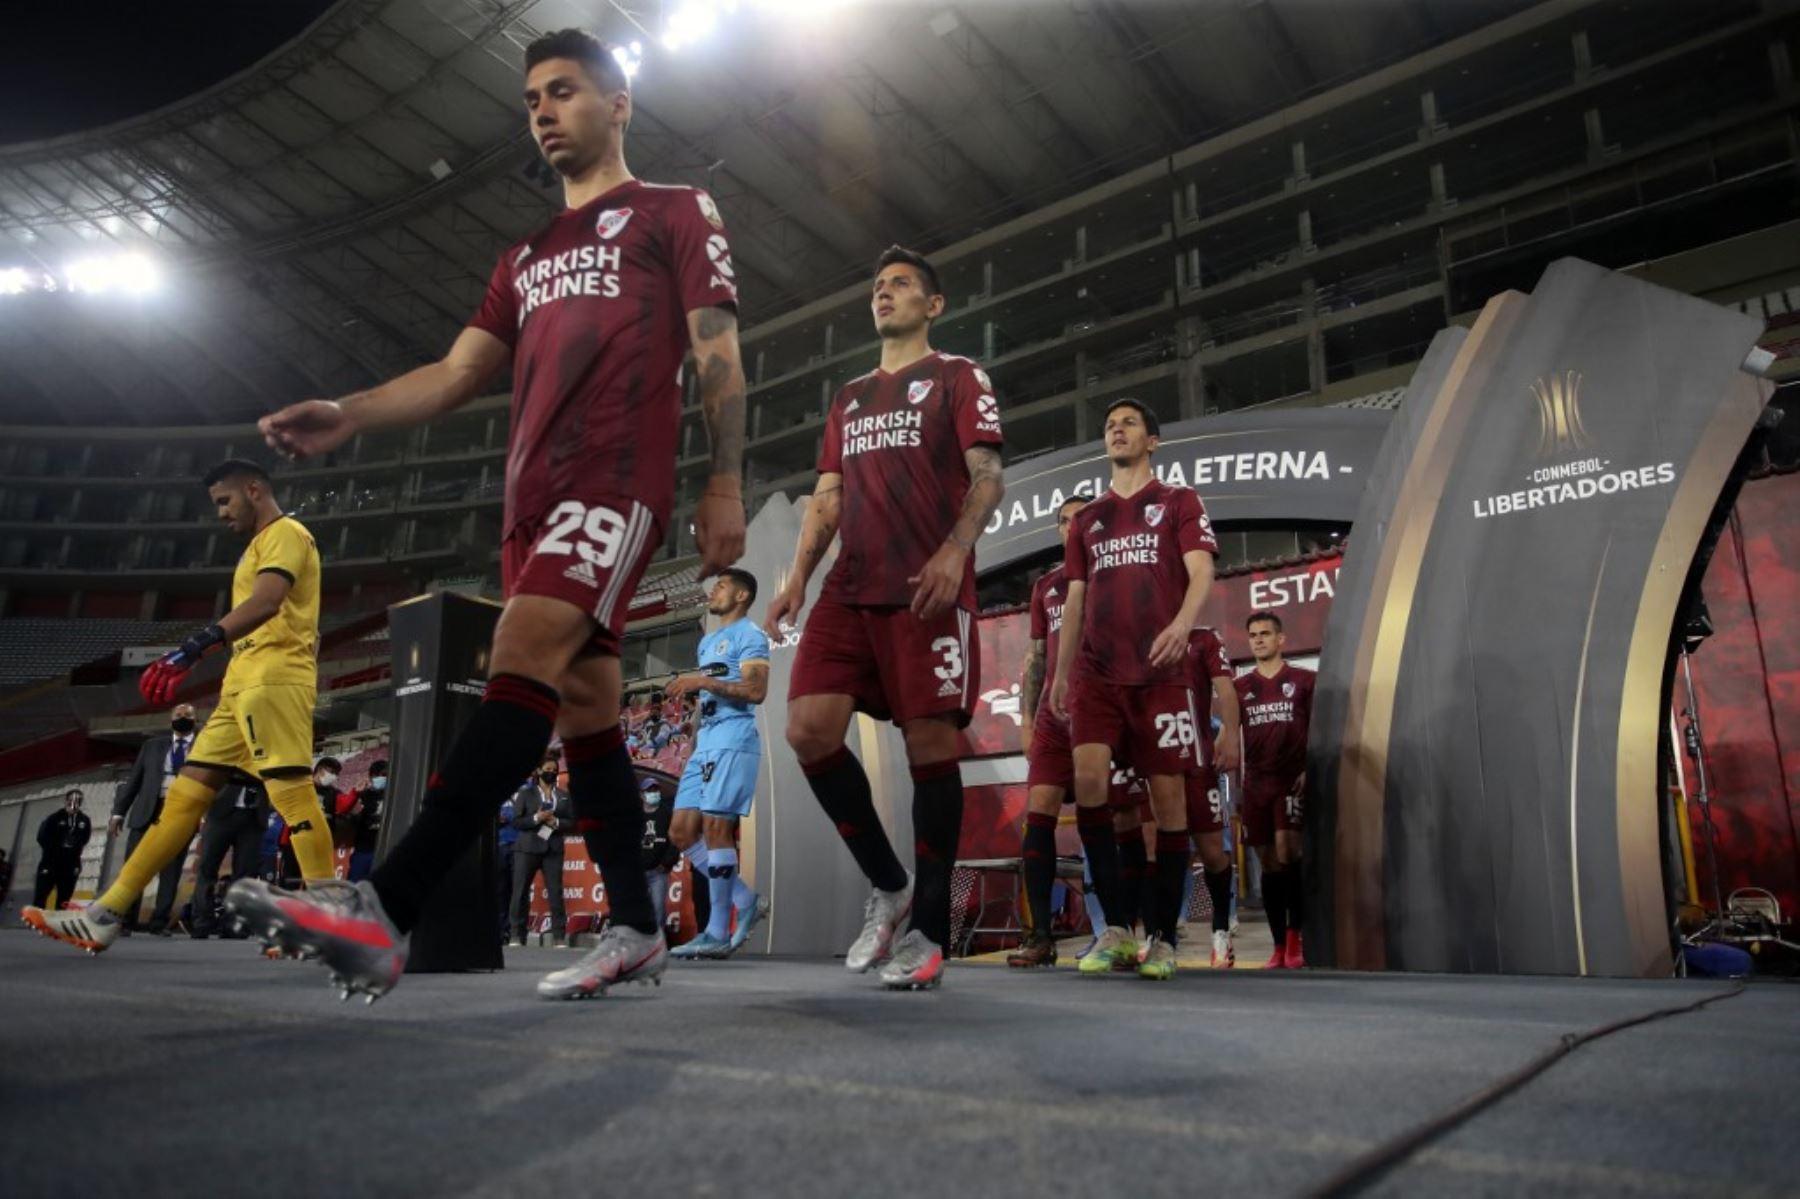 Binacional y River Plate se enfrentan por el grupo D de la Copa Libertadores en el Estadio Nacional de Lima. Foto: AFP